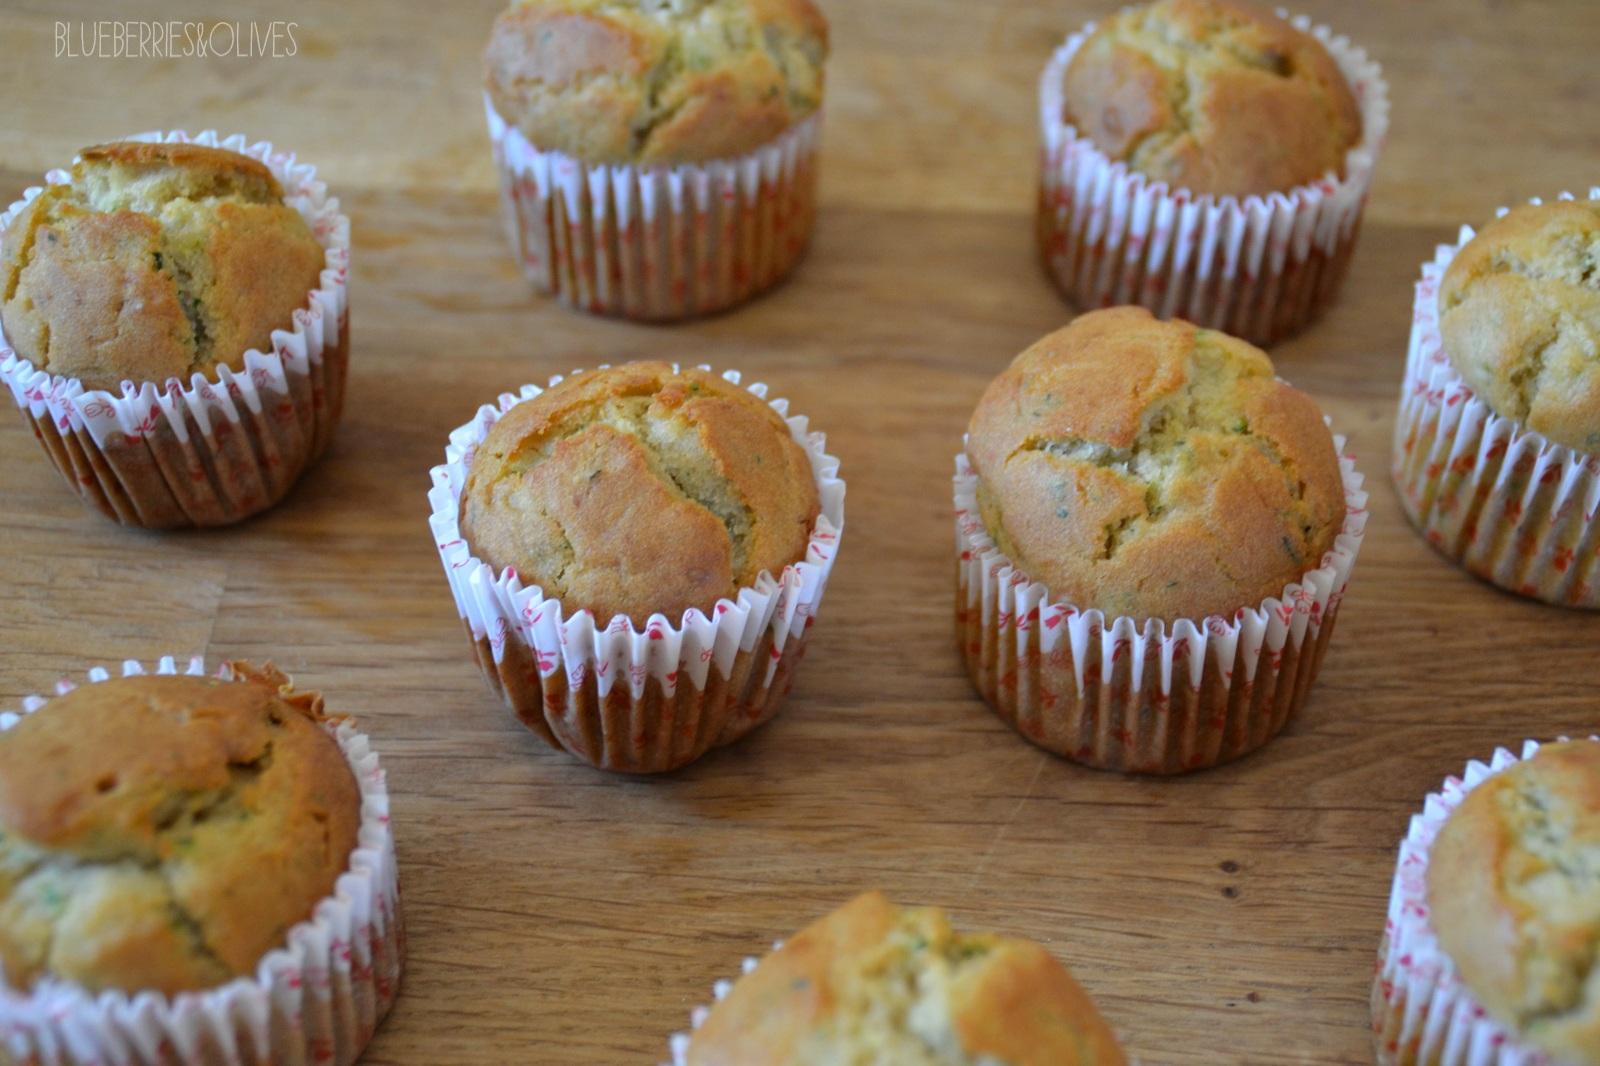 Cupcakes recién hechos - Cupcakes de calabacín, cardamomo y anís 3